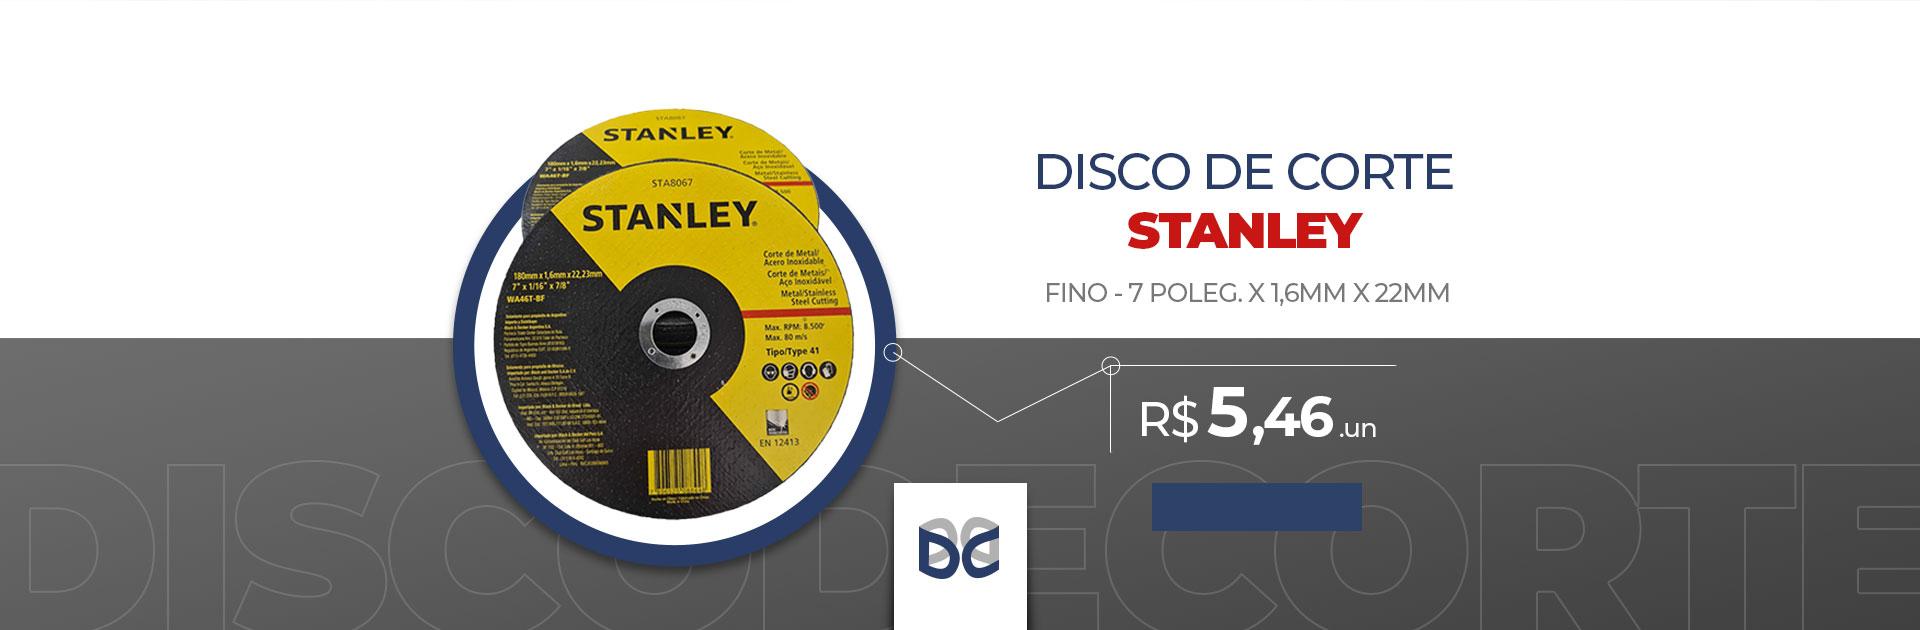 Banner-disco-corte-stanley